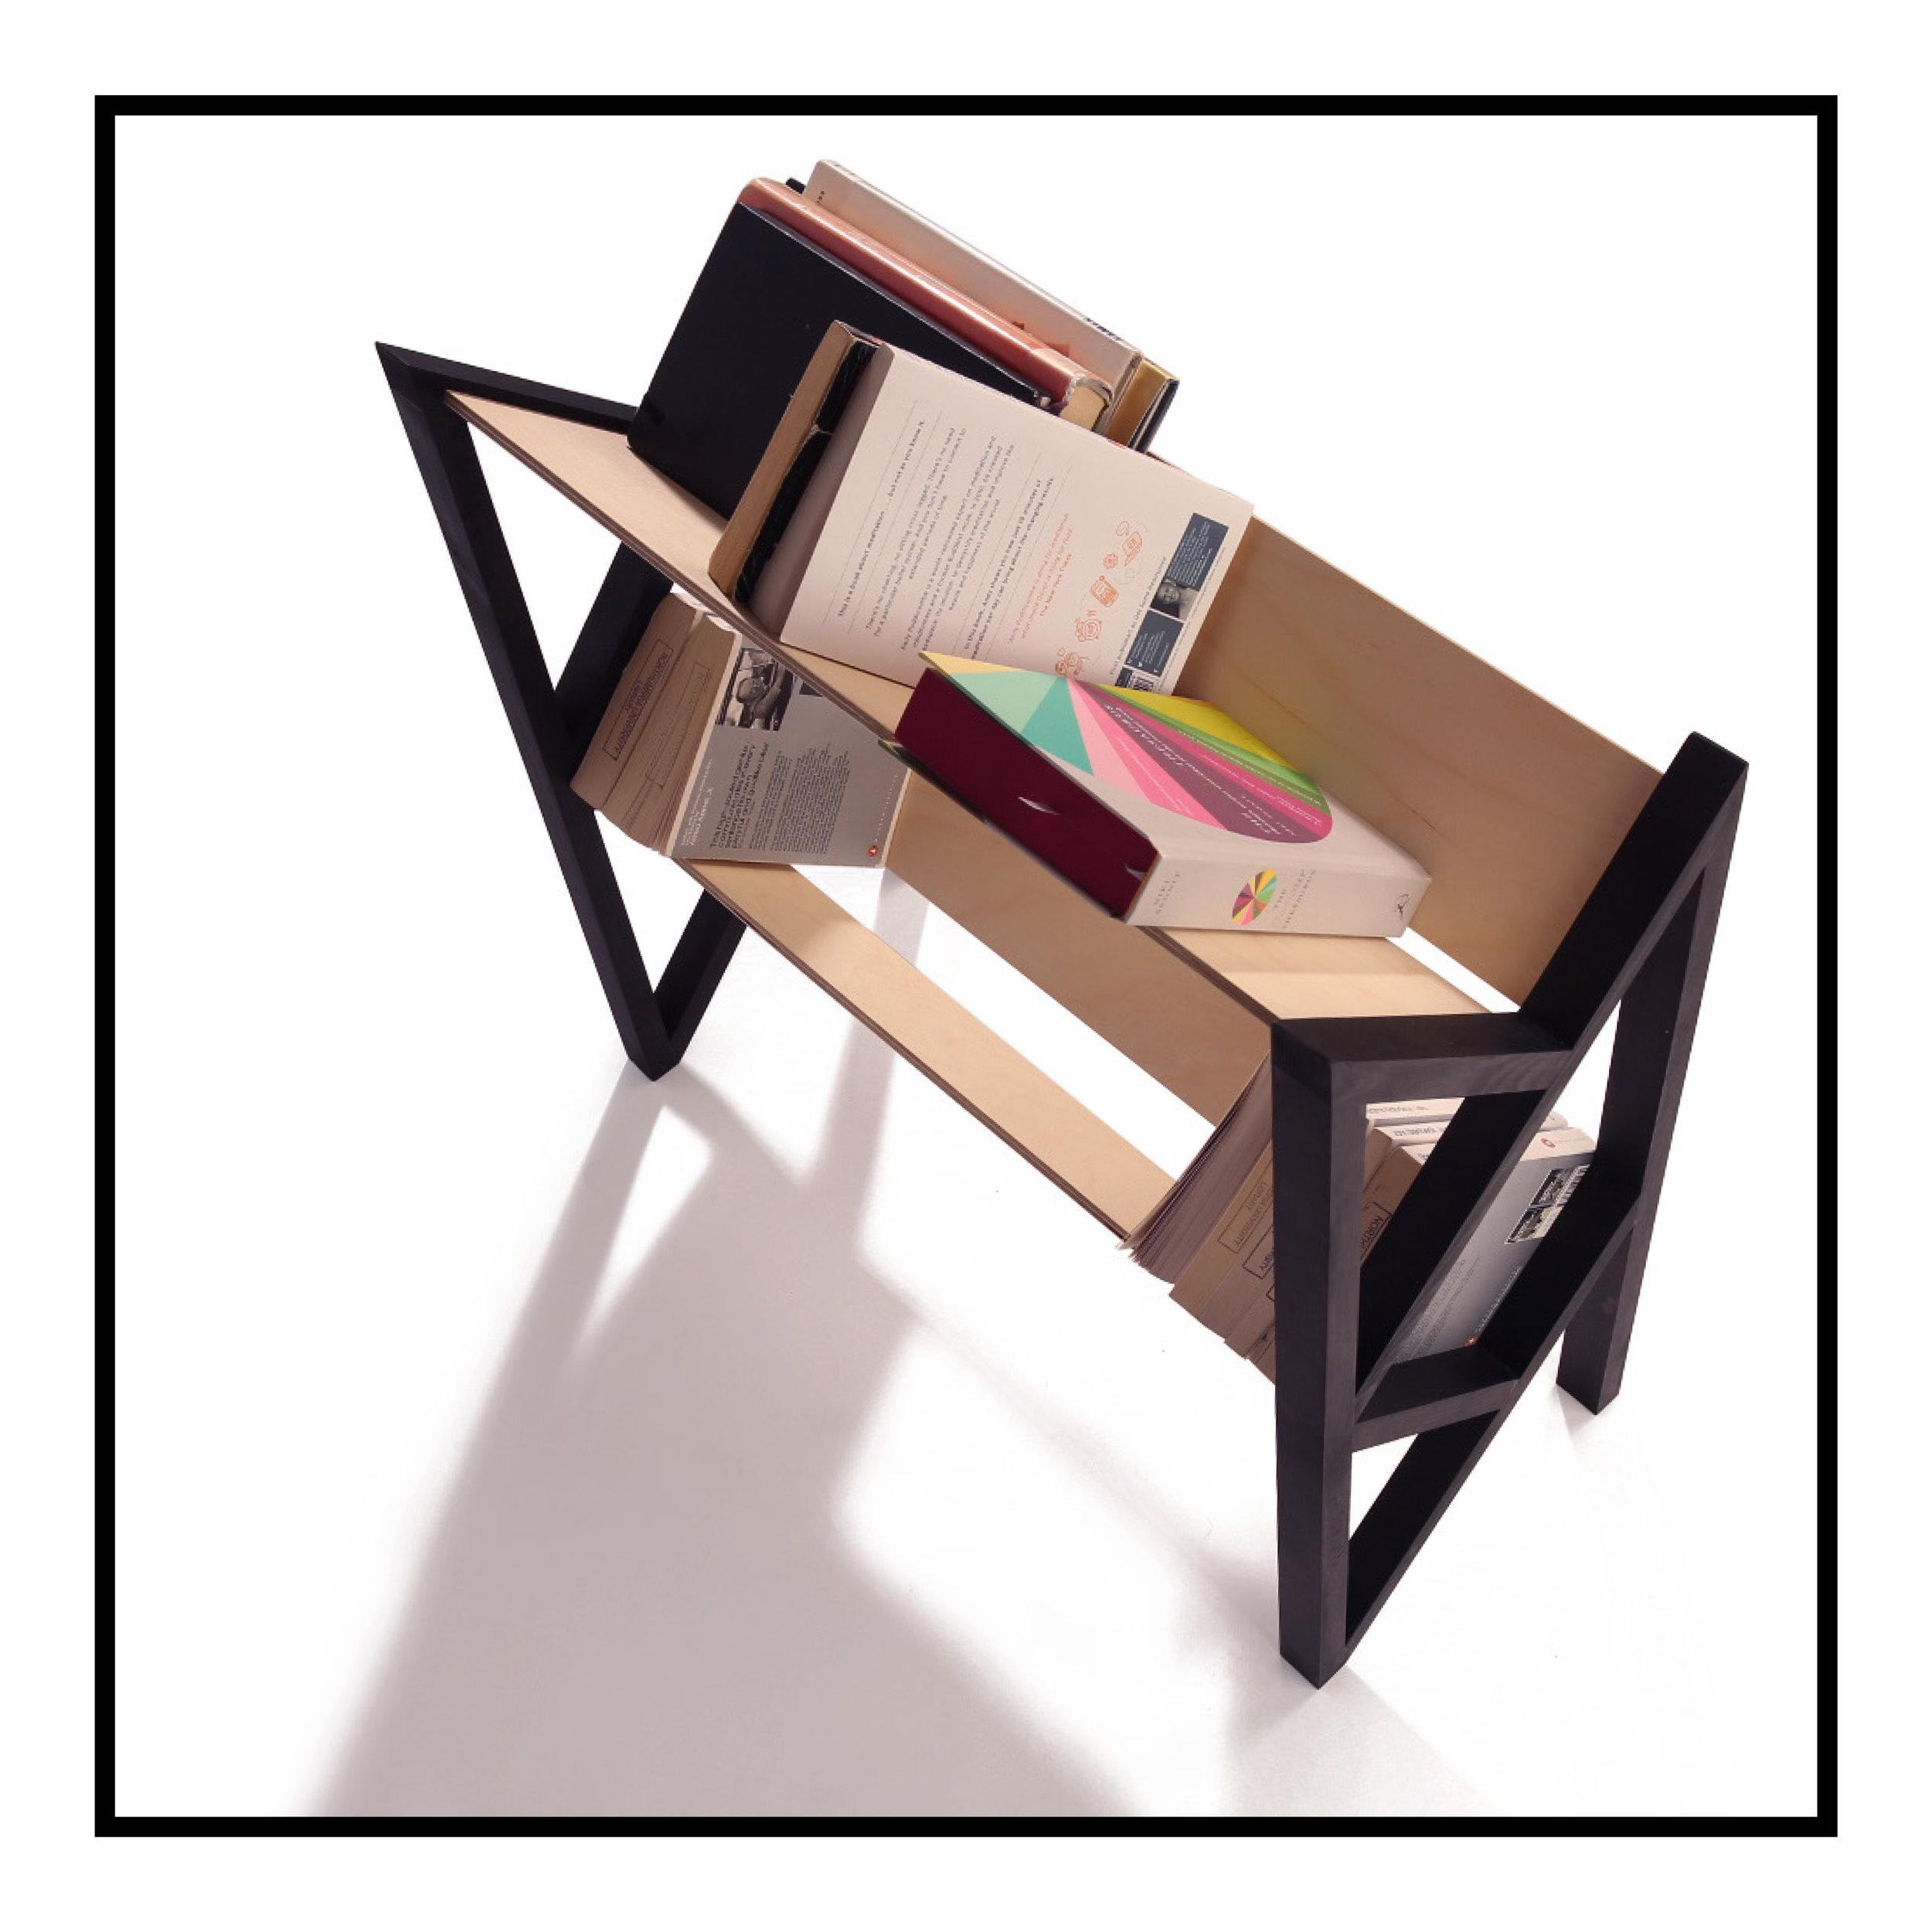 Stijl Bookcase  | © Phat Design